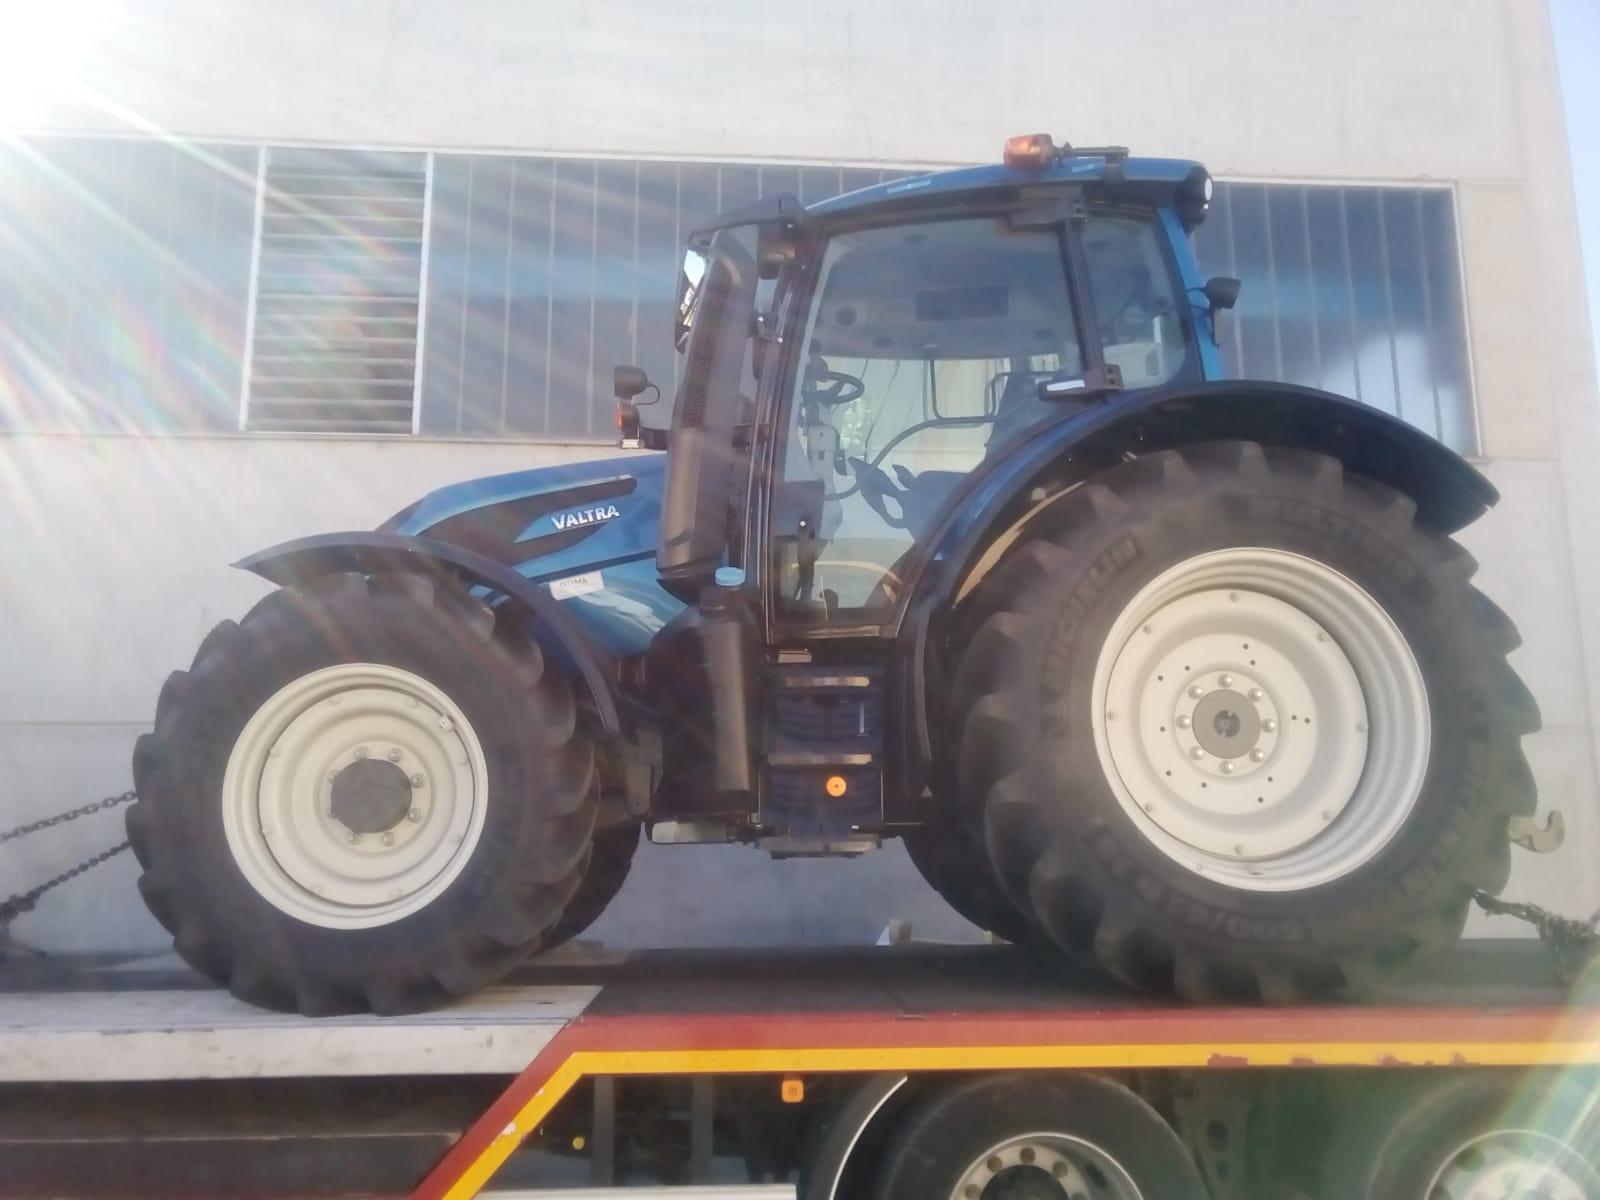 Consegnato trattore VALTRA modello N134 versu 🚜 ad az agr la tolosana regione Paschere Saluzzo (Cn)